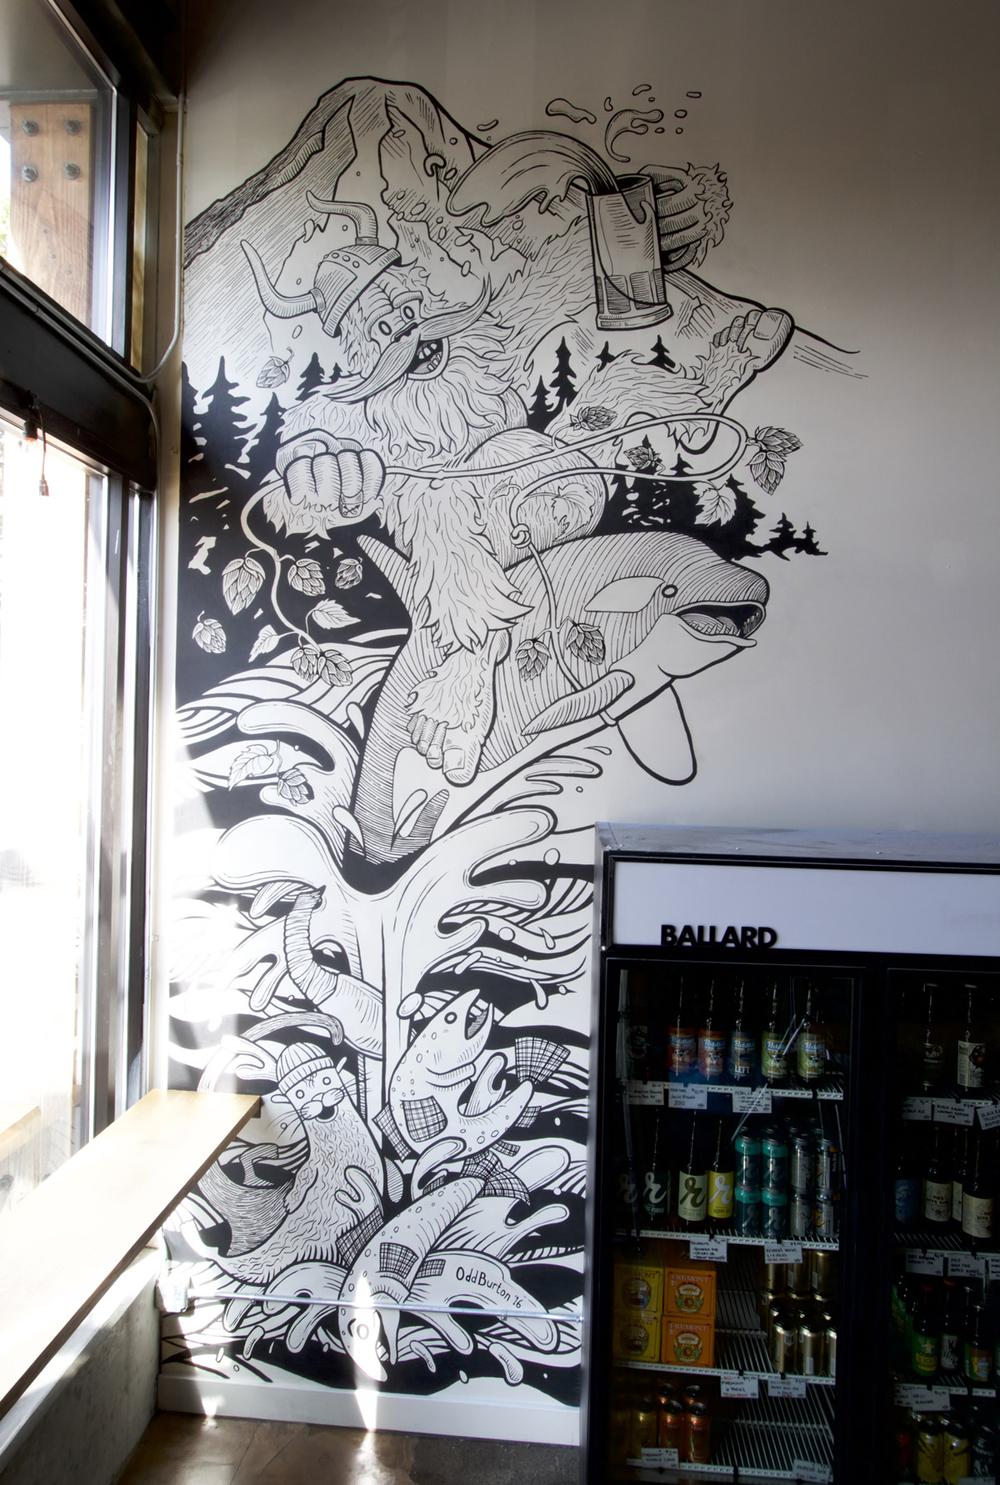 Ballard Beer Company Mural